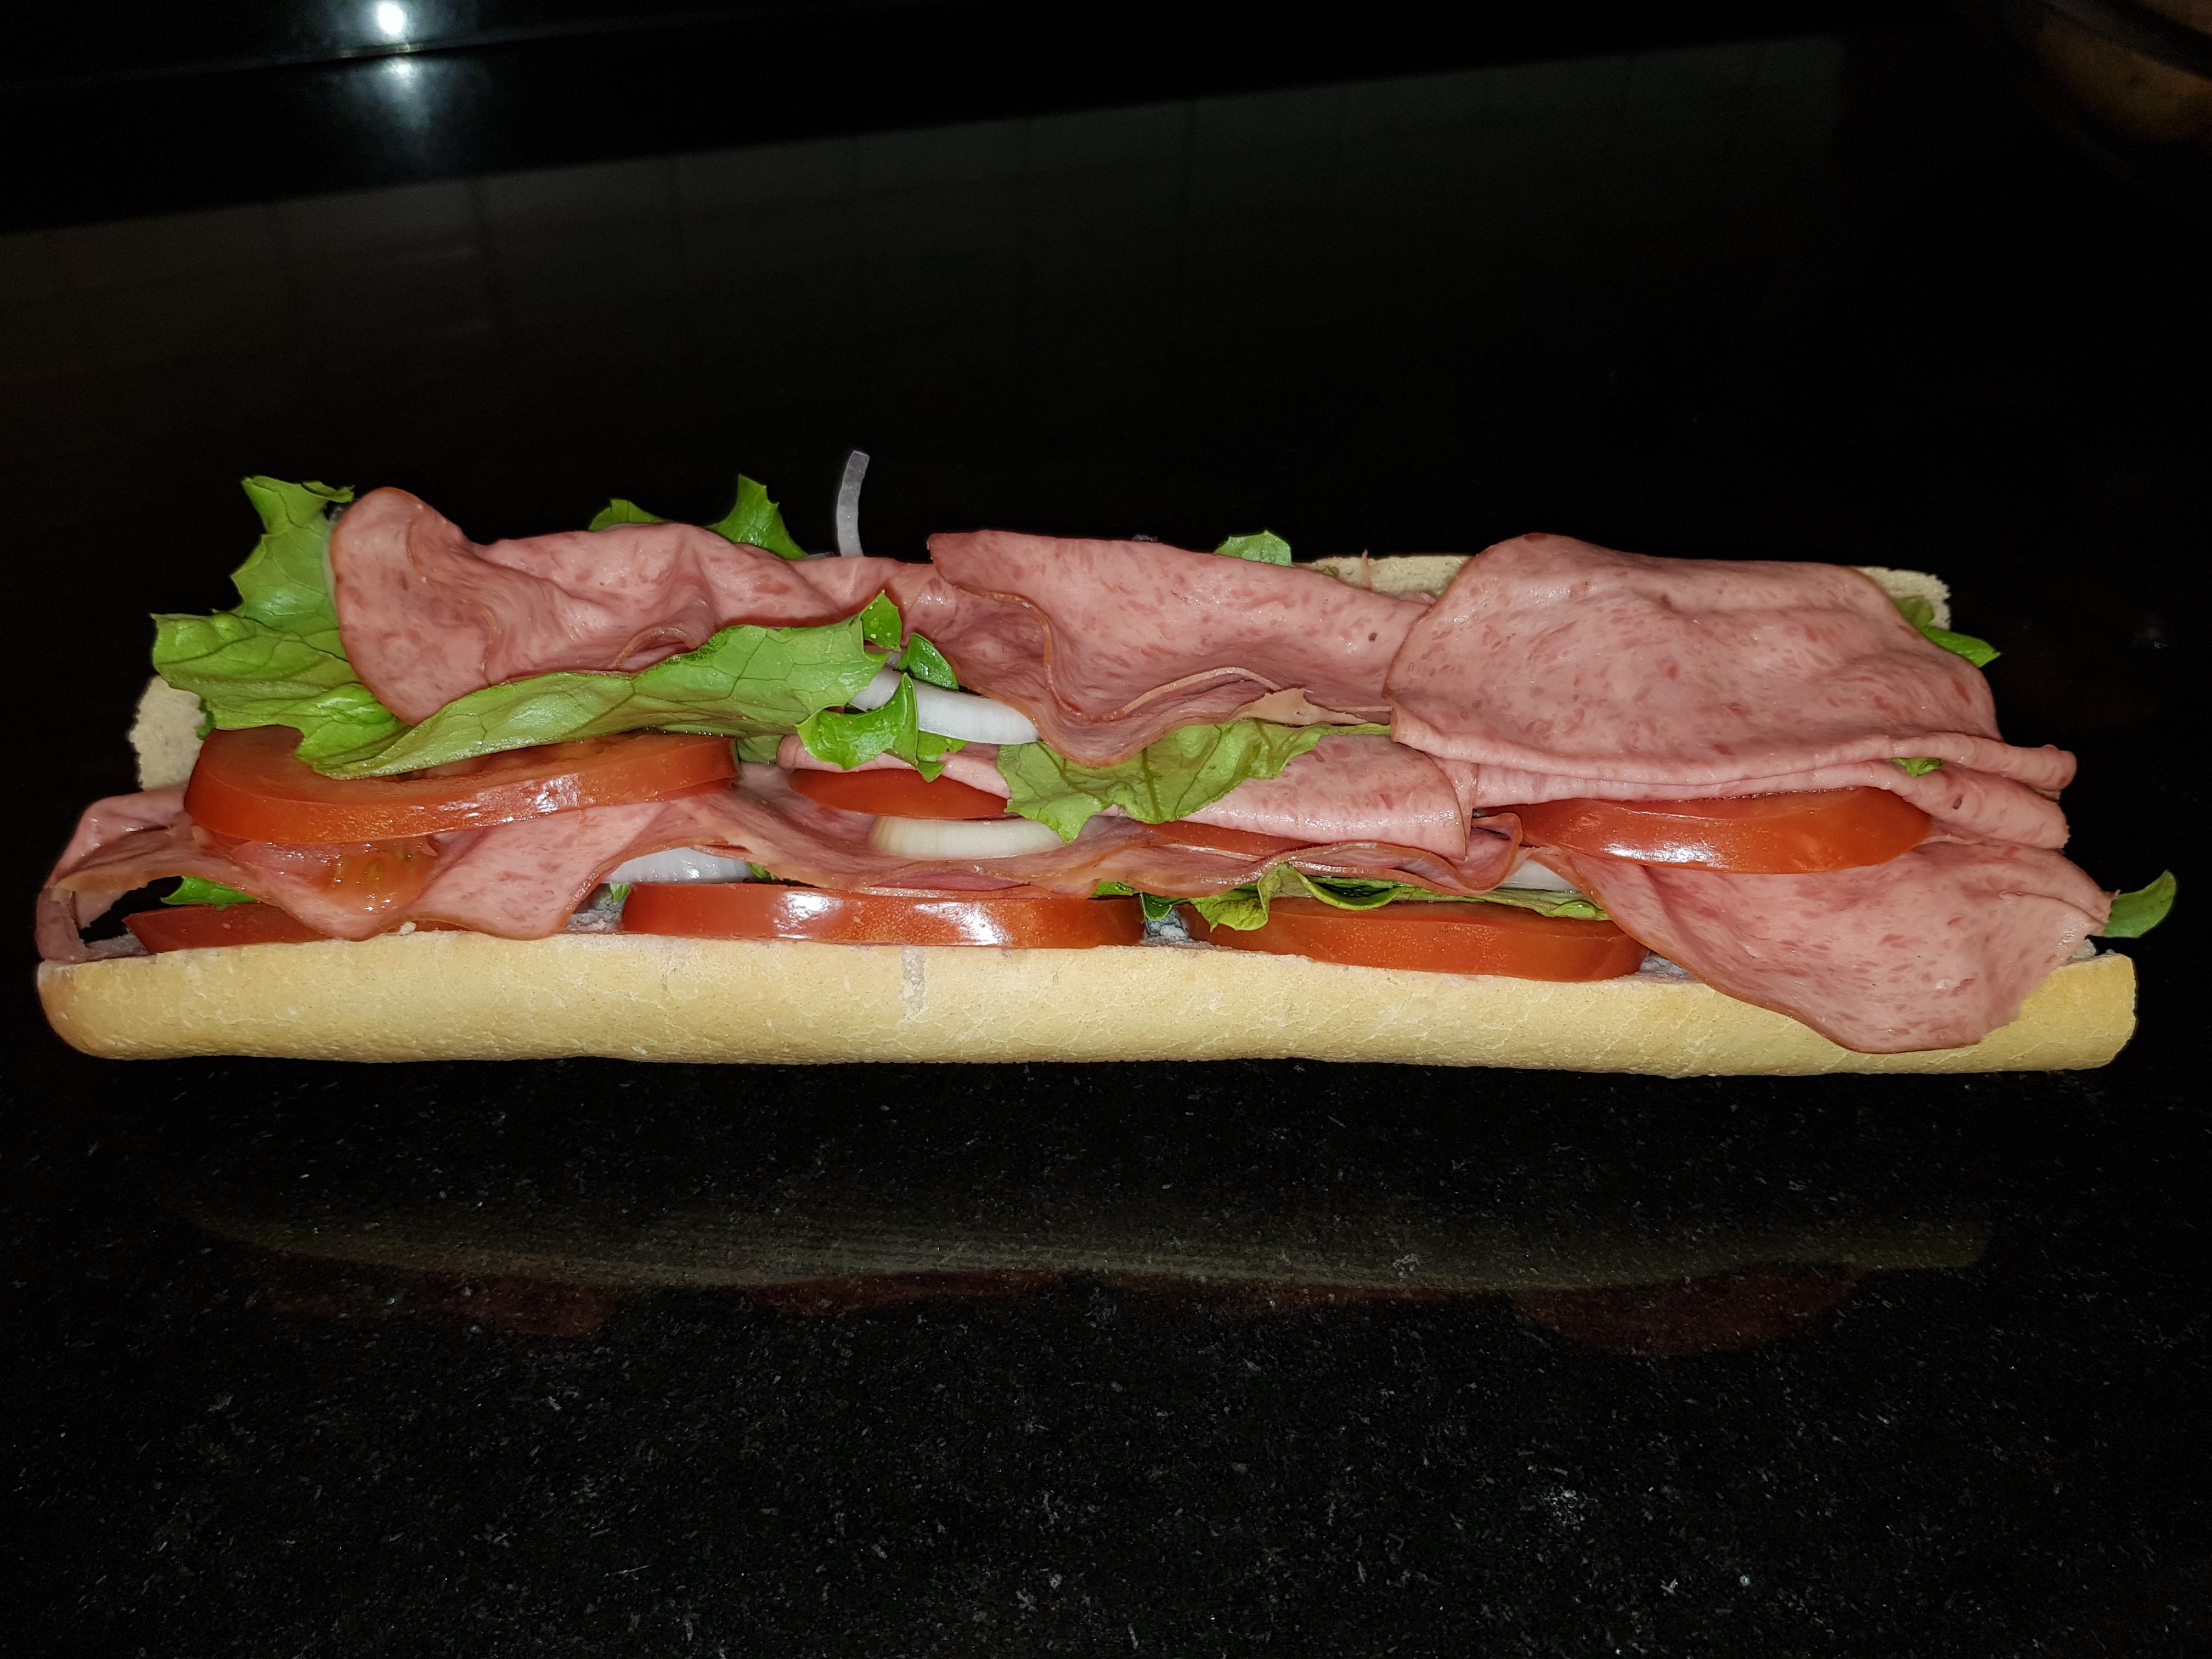 Sandwiches! Pre-order